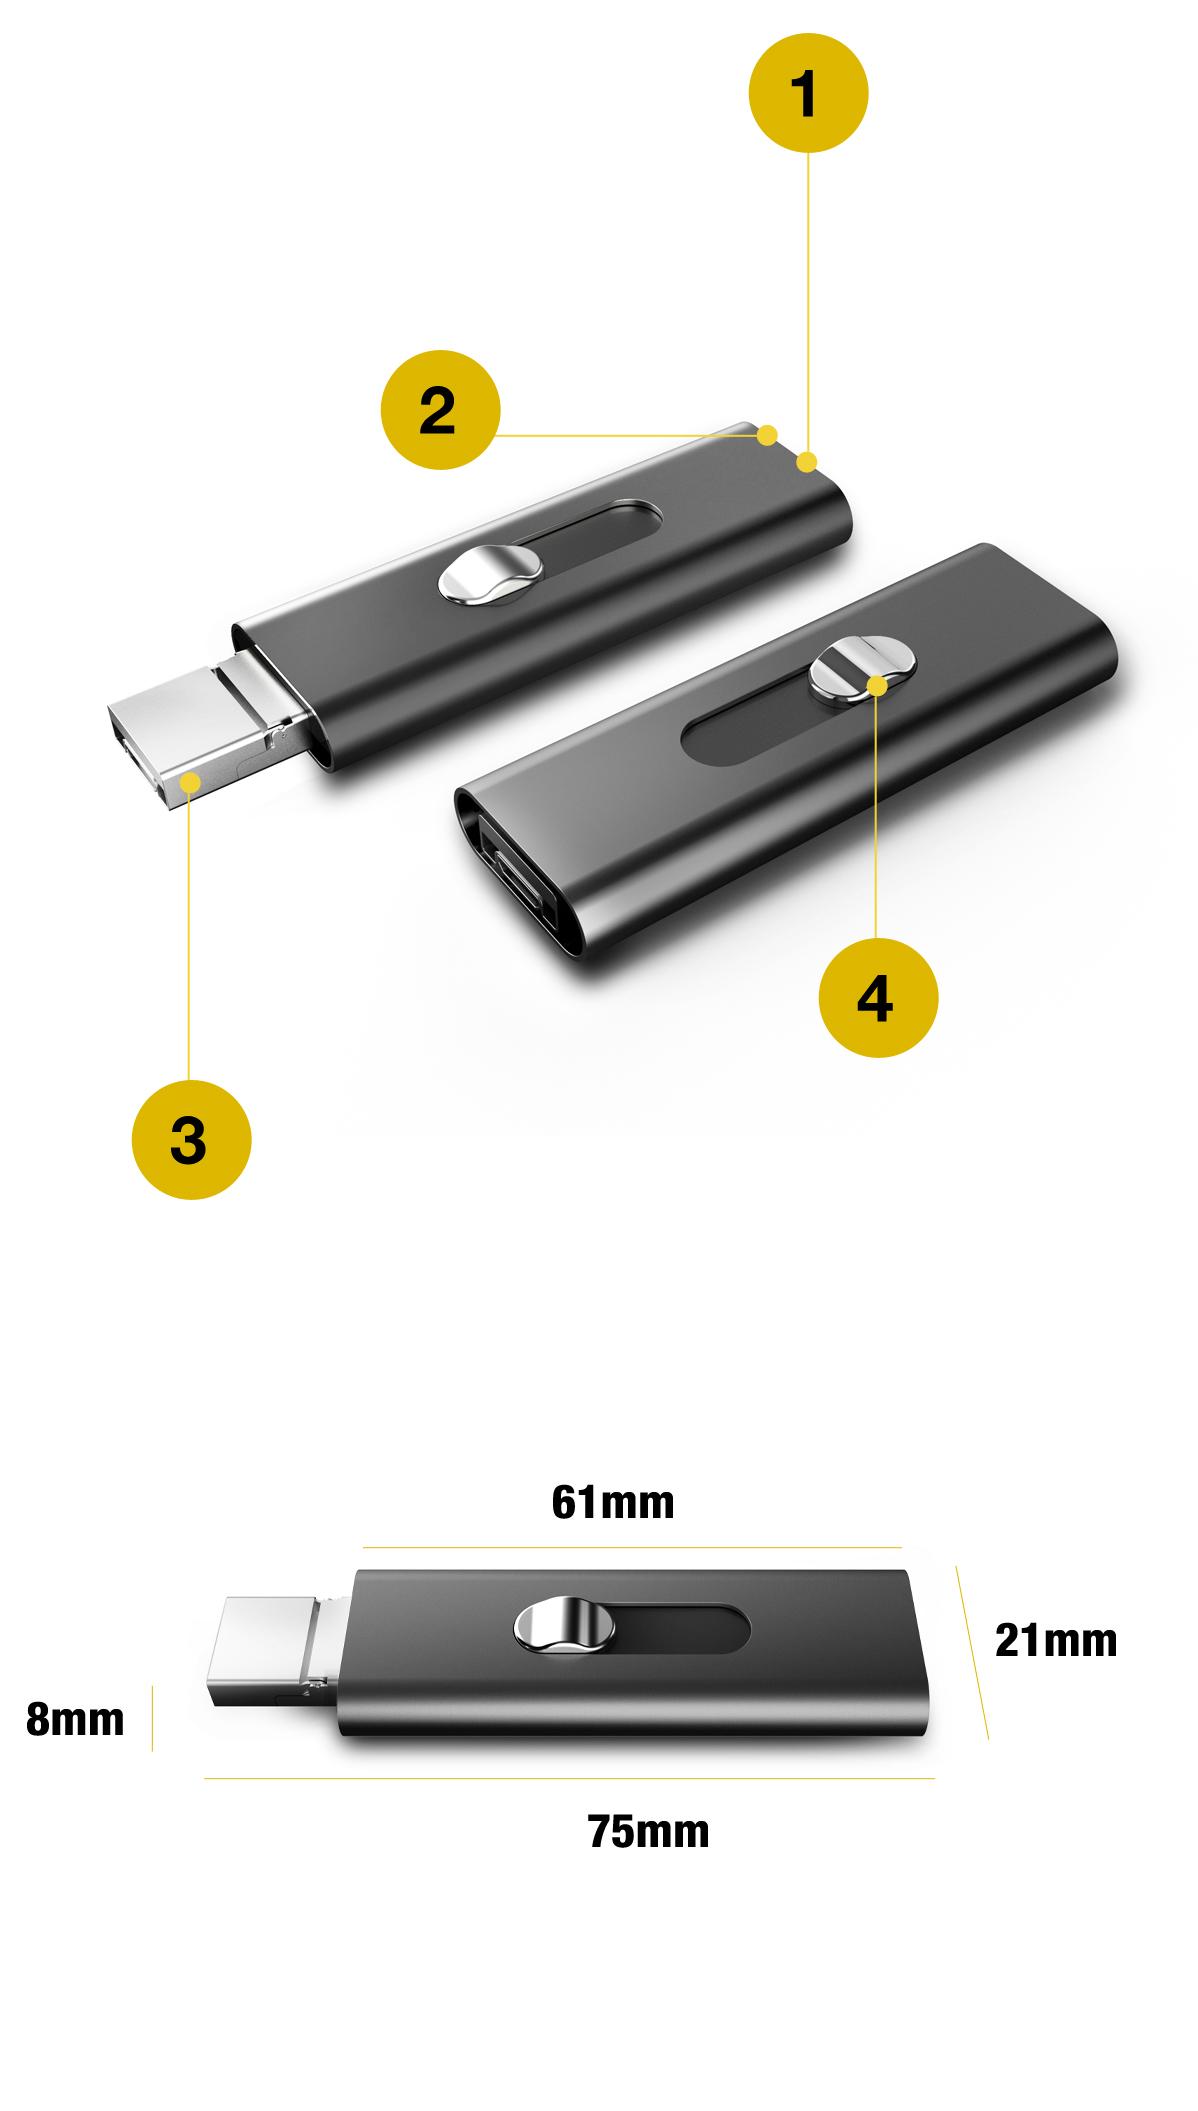 DYKTAFON PROFESJONALNY PODSŁUCH VOX OTG 16GB 15H Zasilanie akumulatorowe